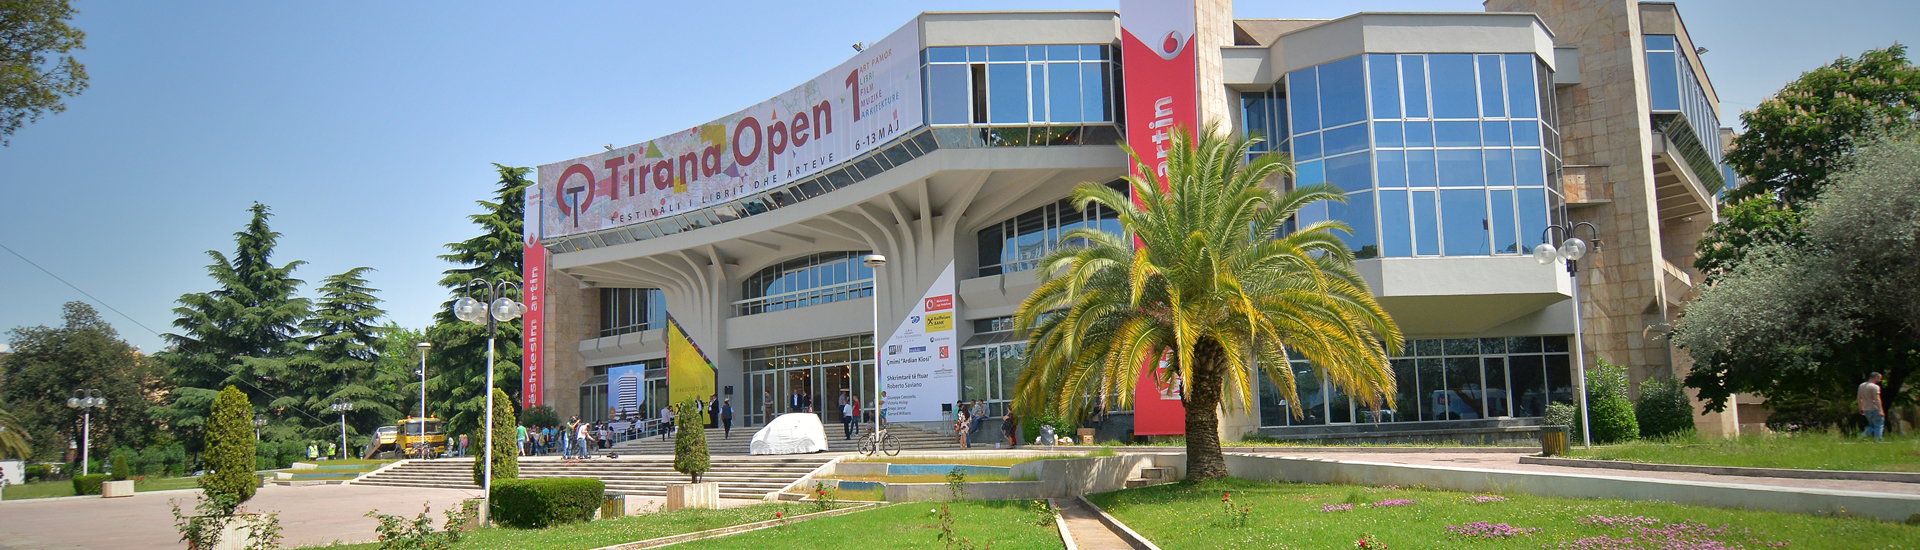 slide-tirana-open1